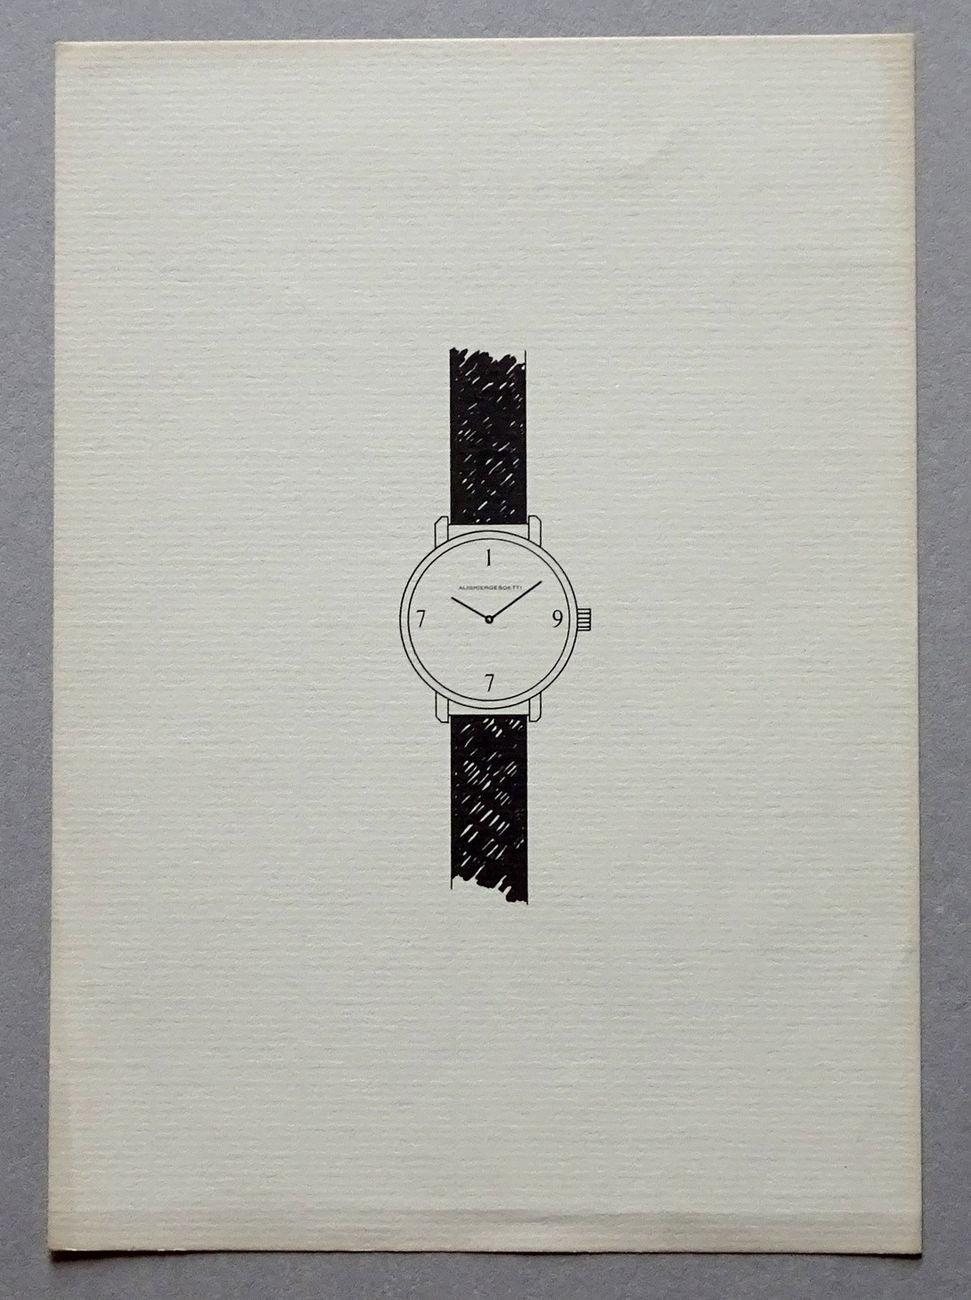 Alighiero Boetti. L'orologio annuale, 1977, invito. Archivio Beatrice Monti della Corte